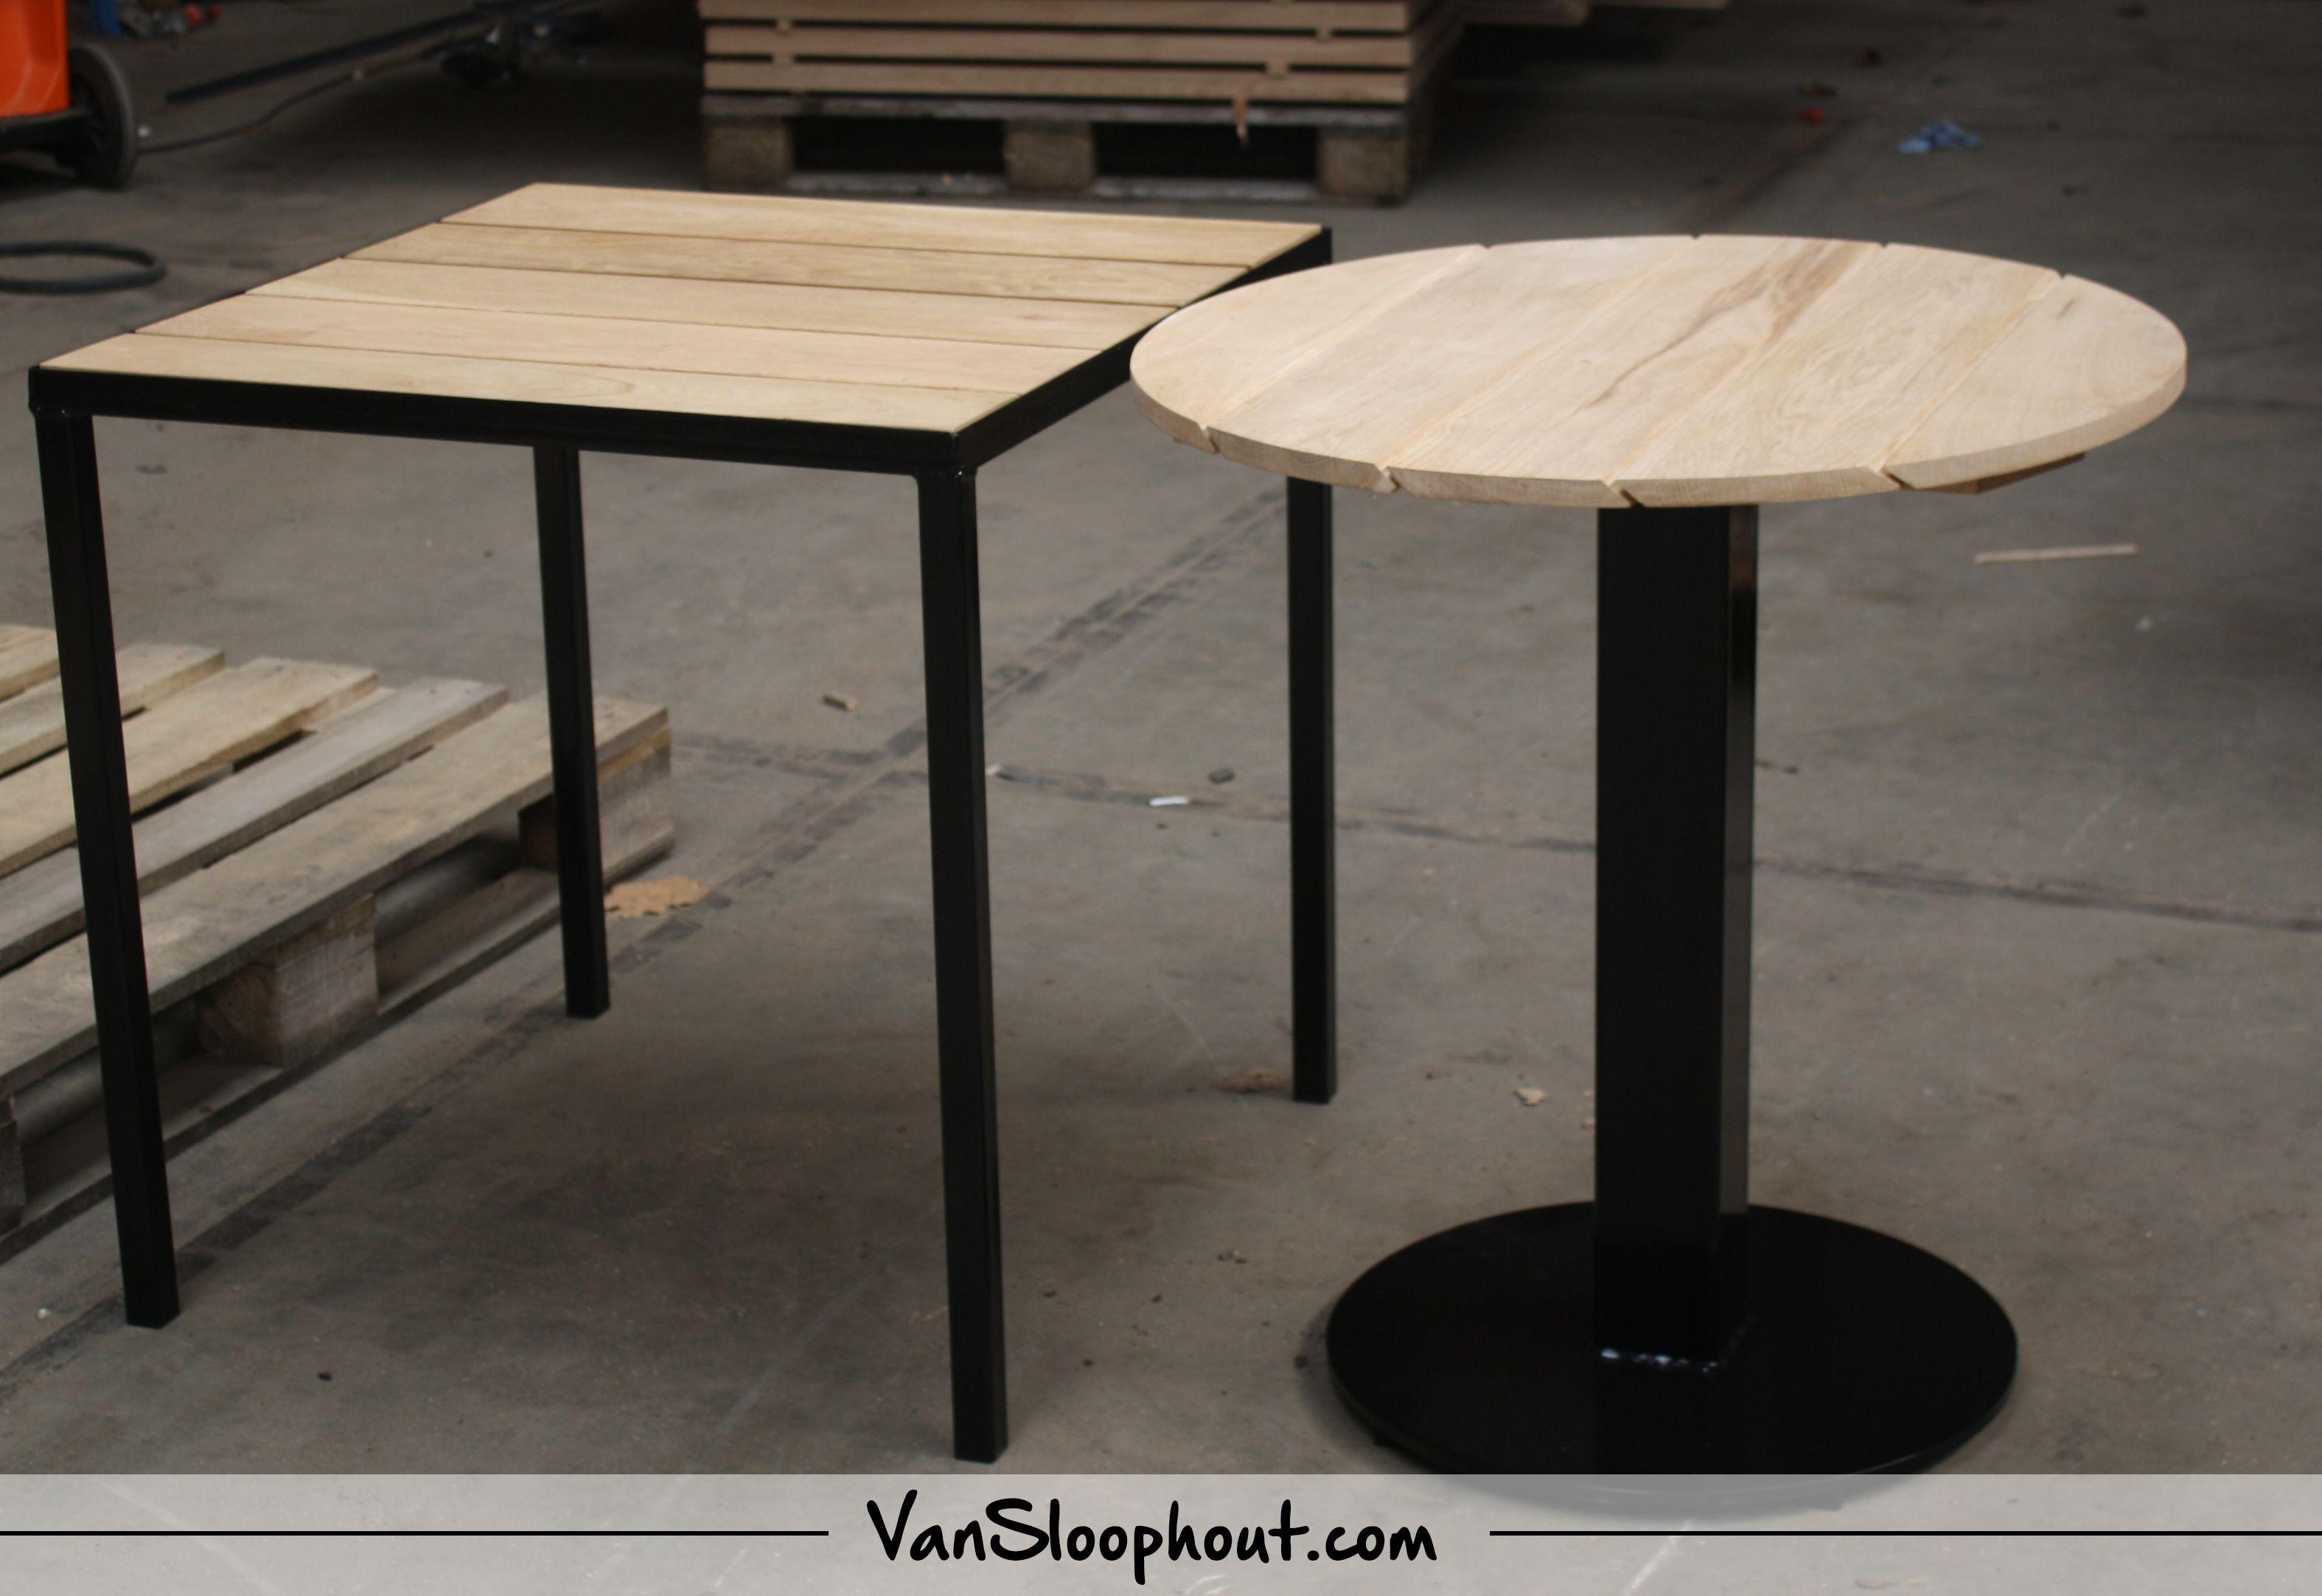 Horeca tafels vierkant en rond van nieuw eiken. het stalen onderstel